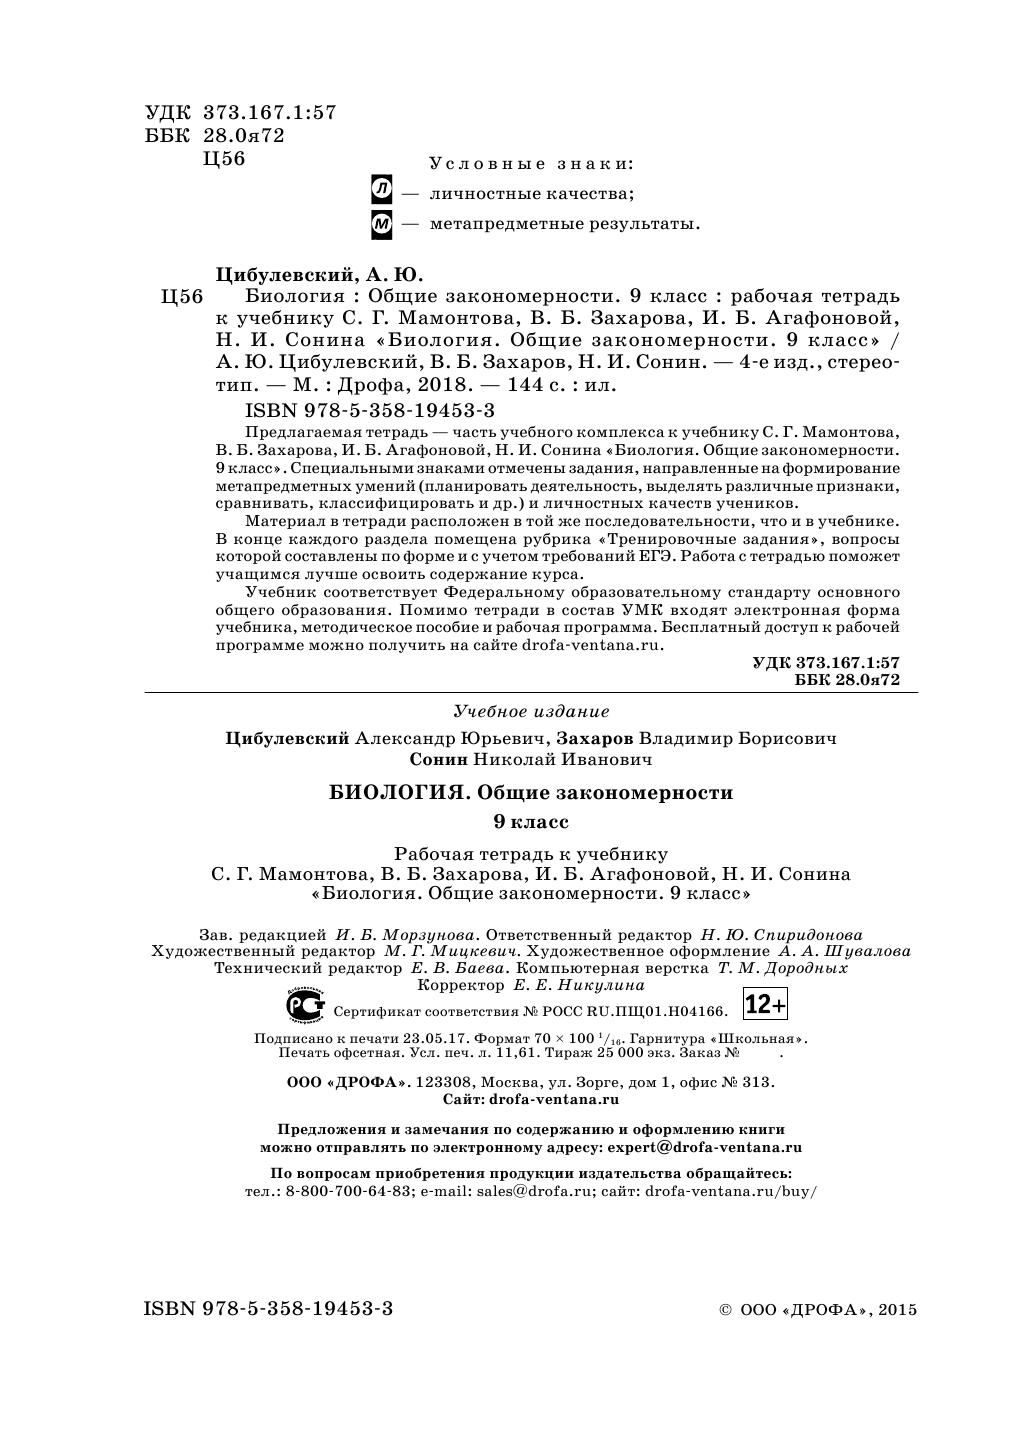 Рабочая тетрадь по биологии 9 класс цибулевский 2018 ответы онлайн